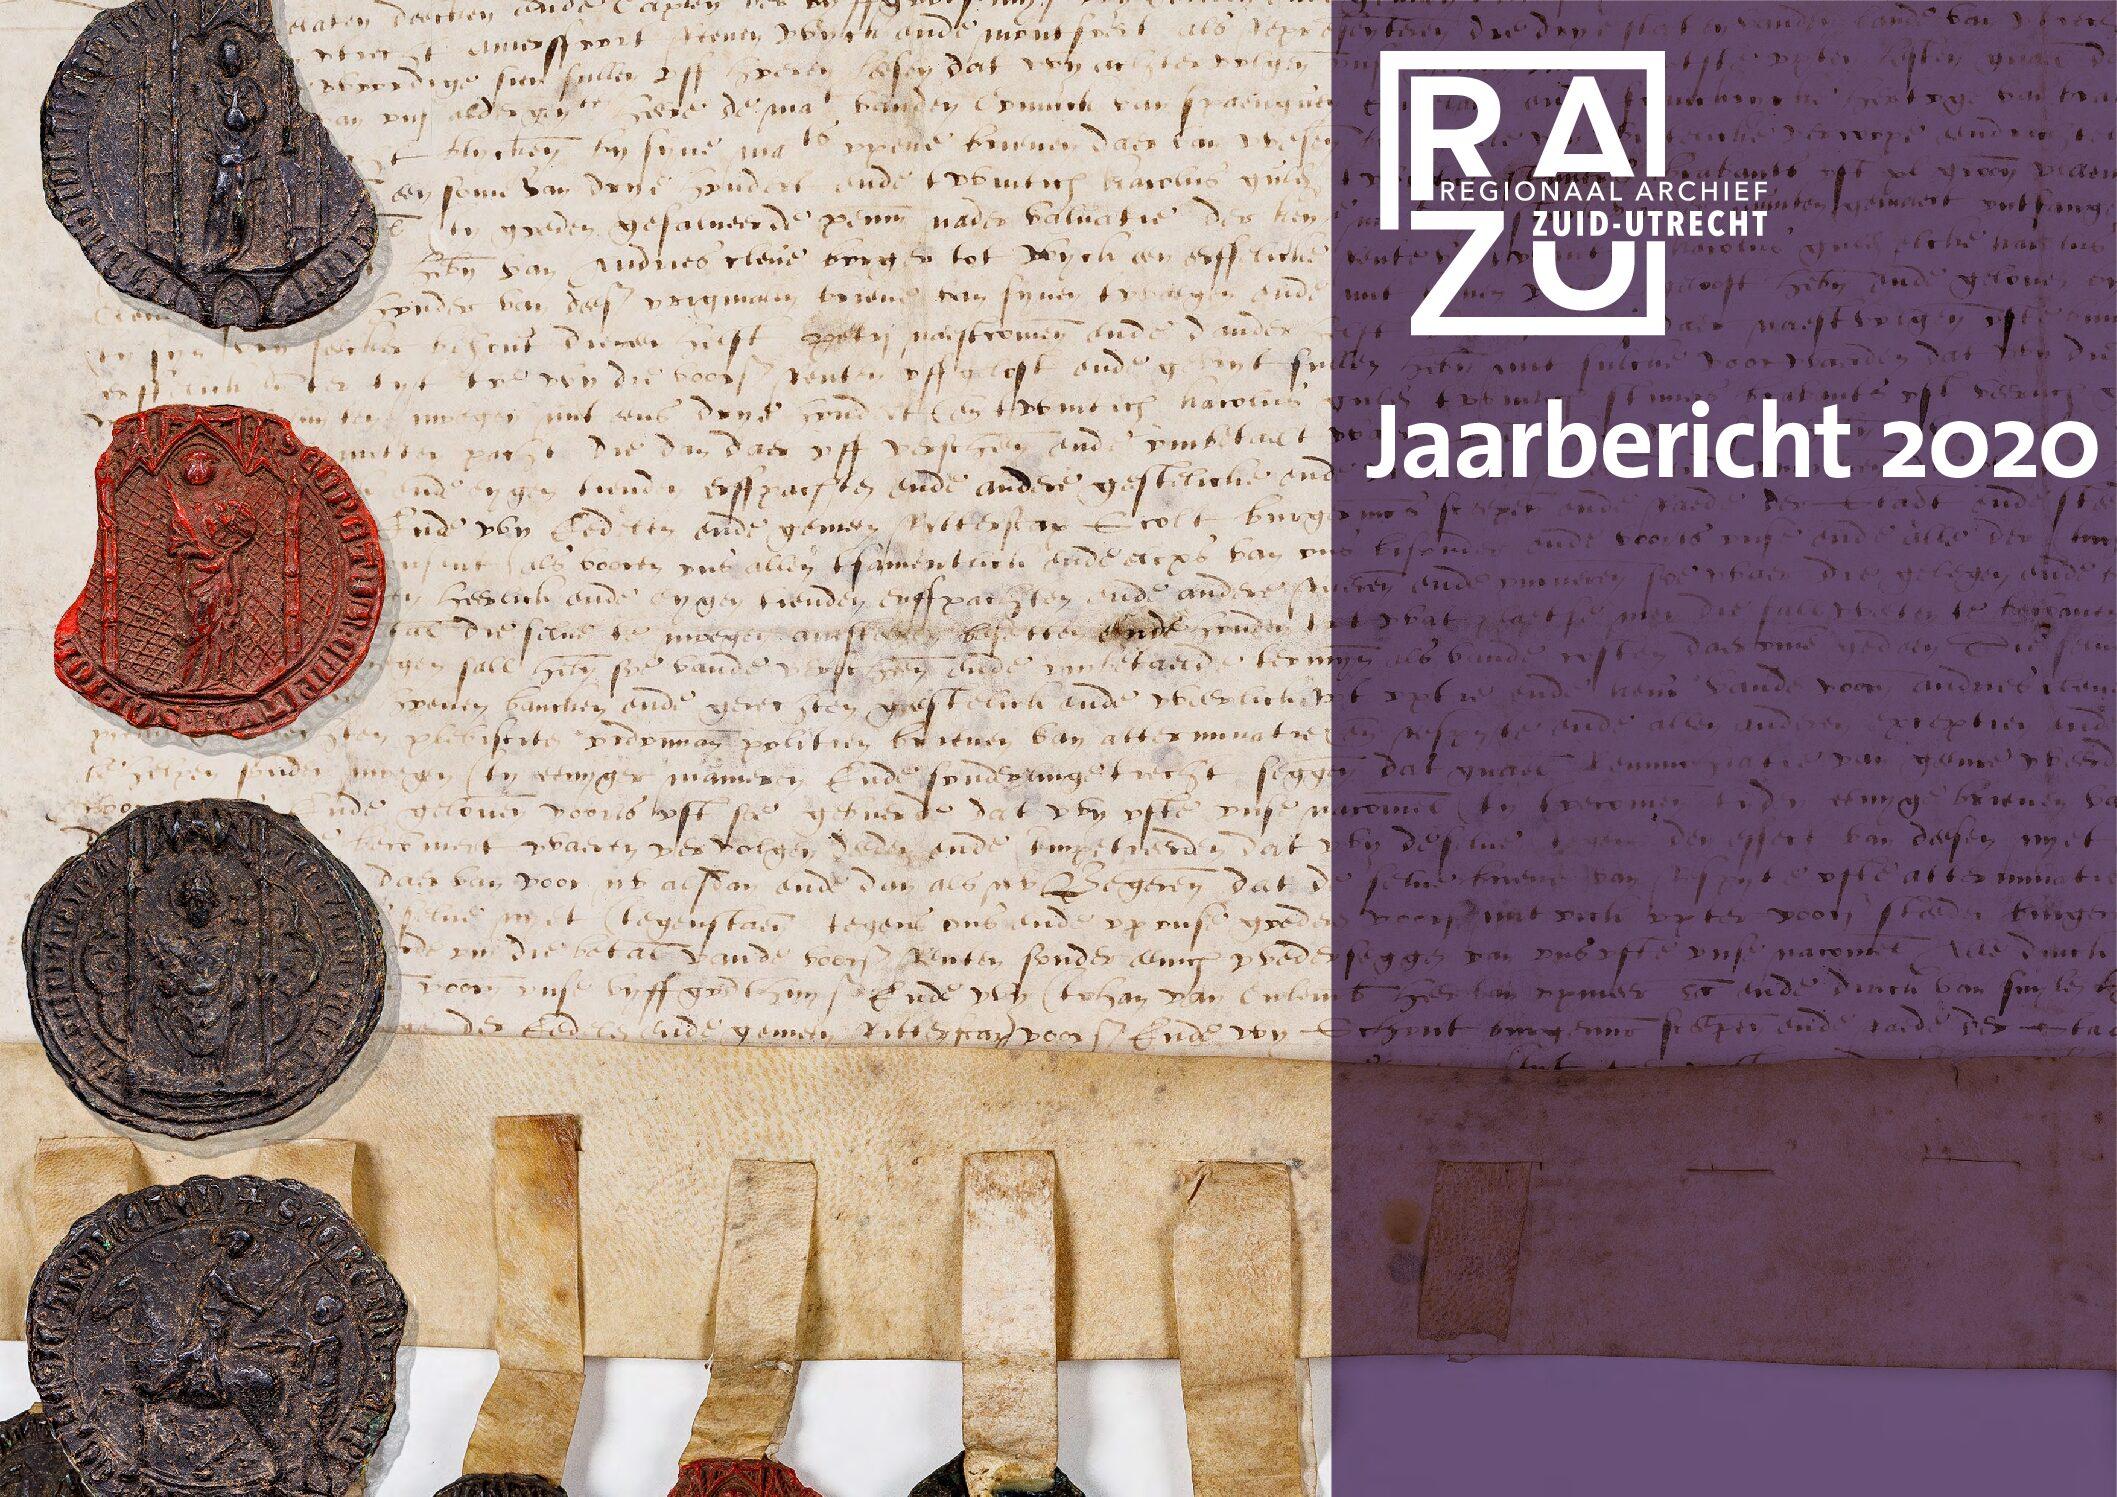 De voorpagina van het Jaarbericht 2020, met daarop een deel van de tekst en vier zegels van een charter uit 1557 in het Weeskamerarchief Wijk bij Duurstede